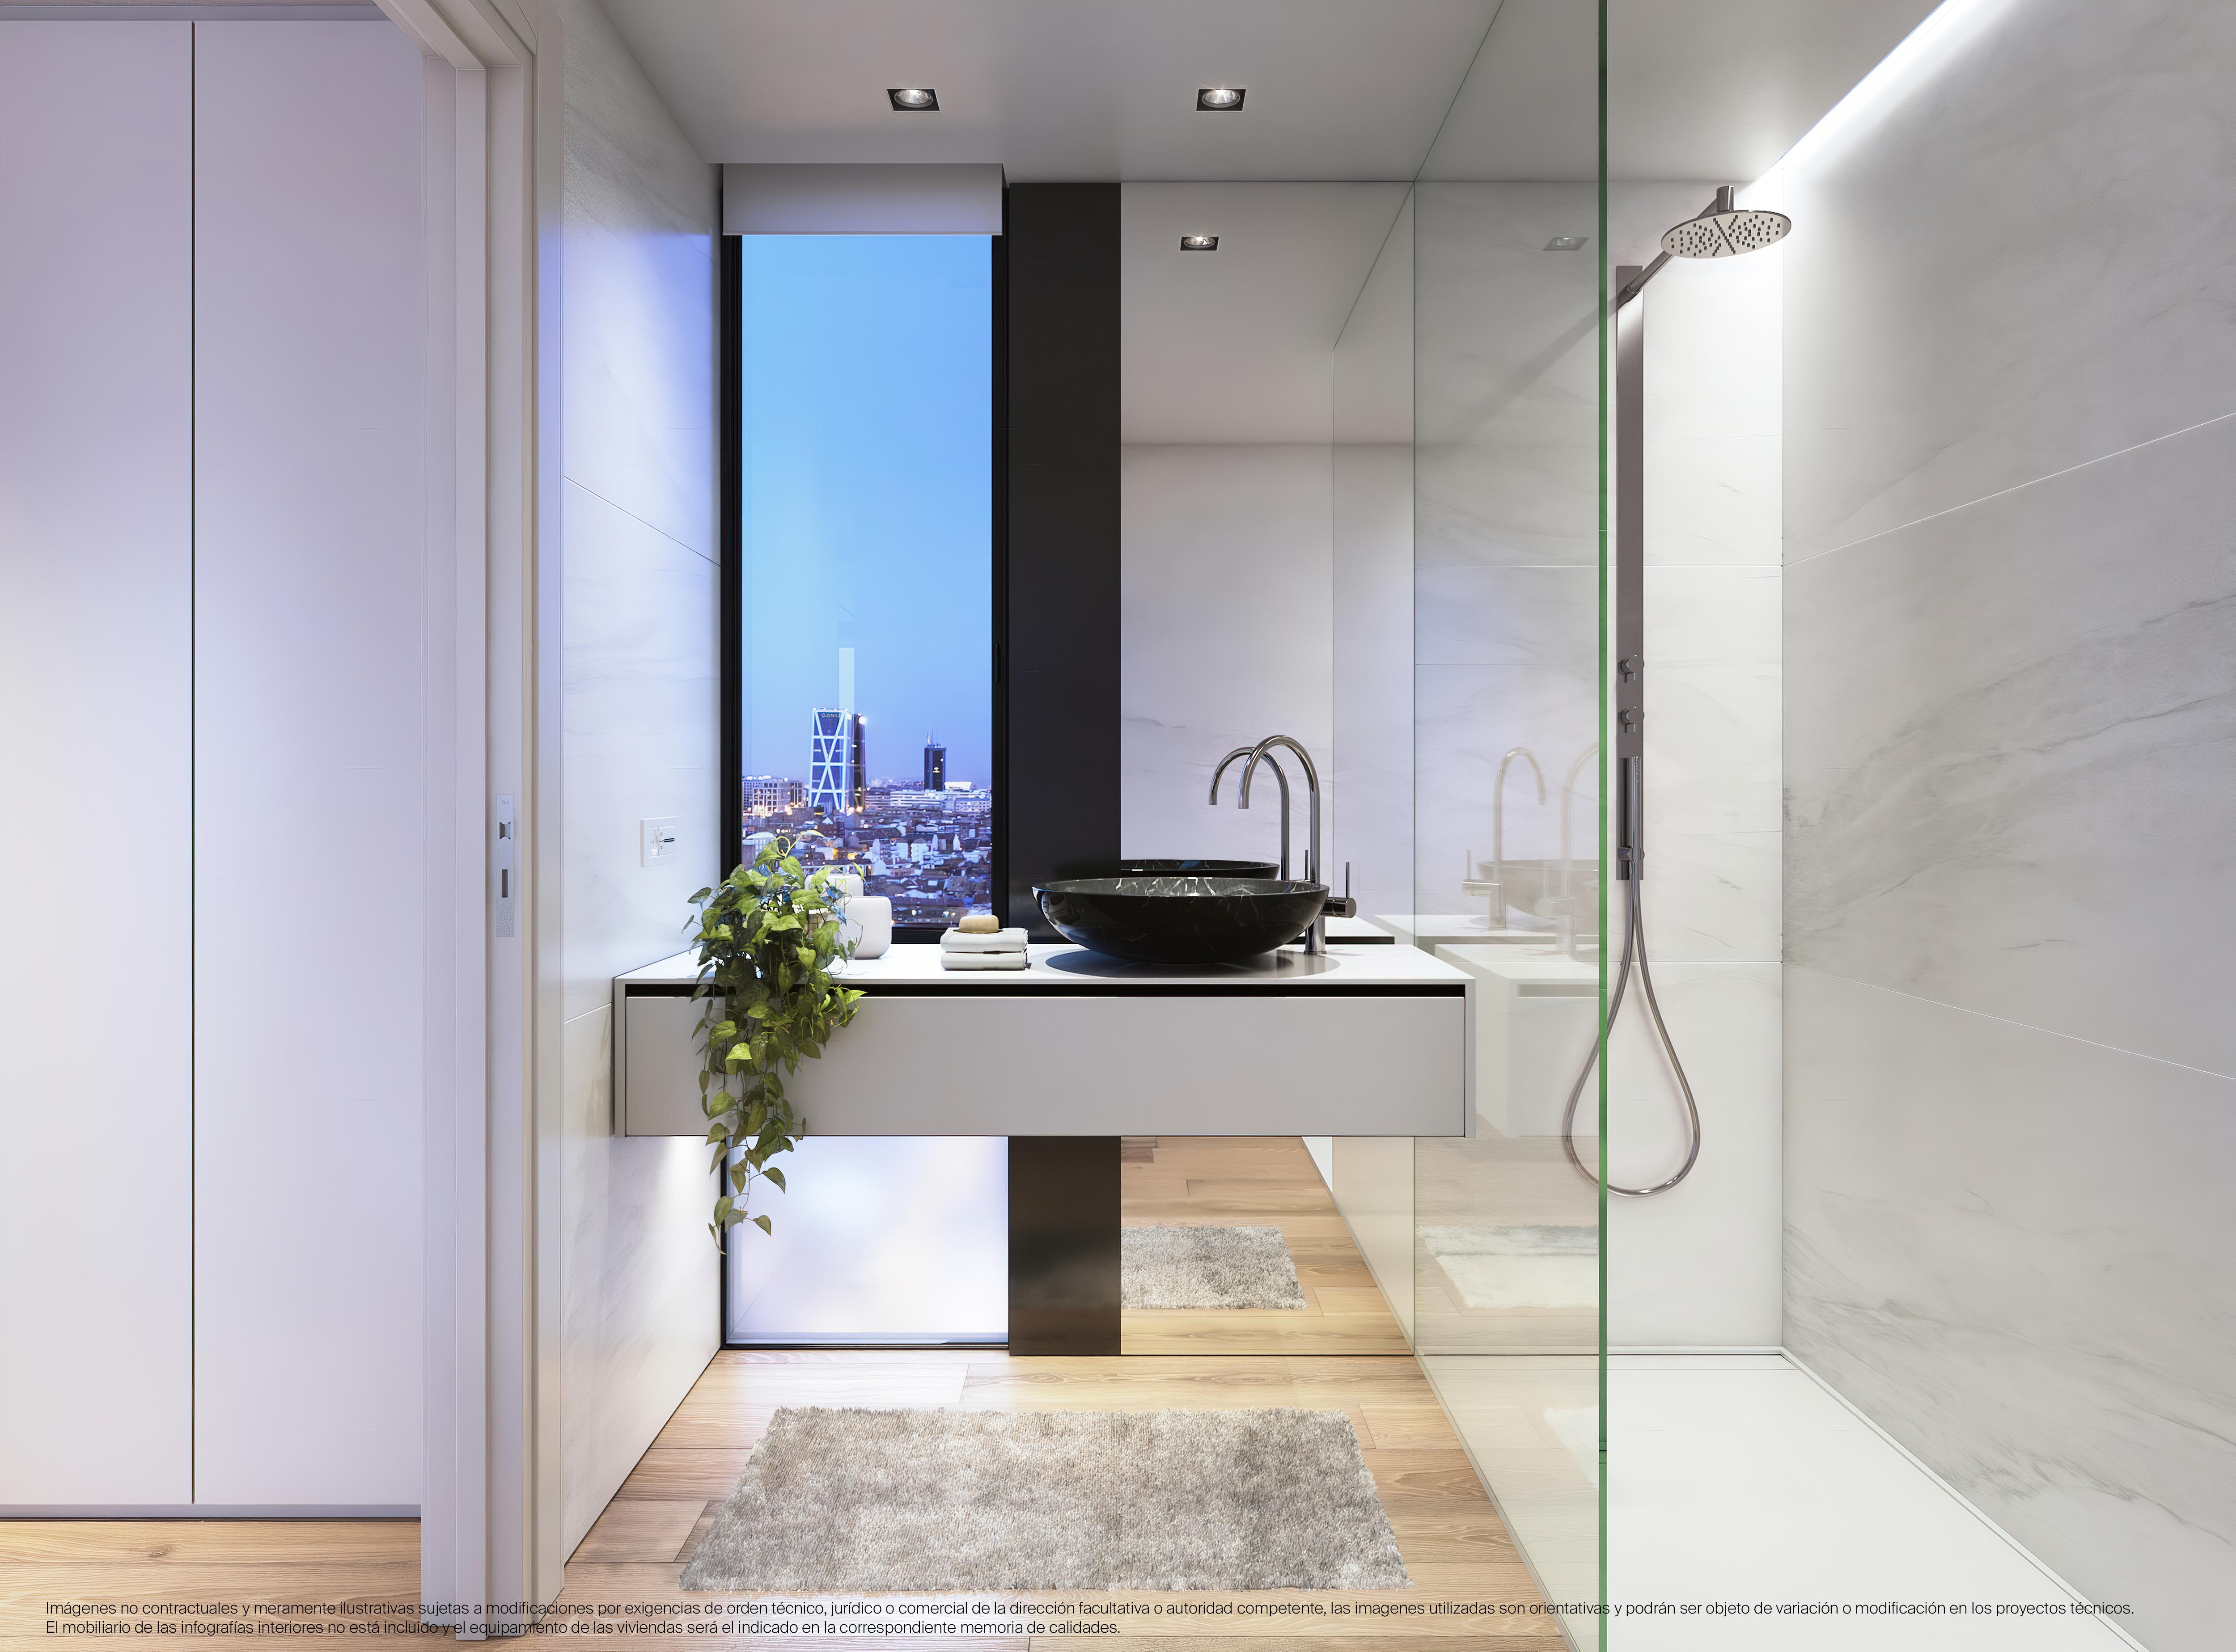 El baño con altas calidades